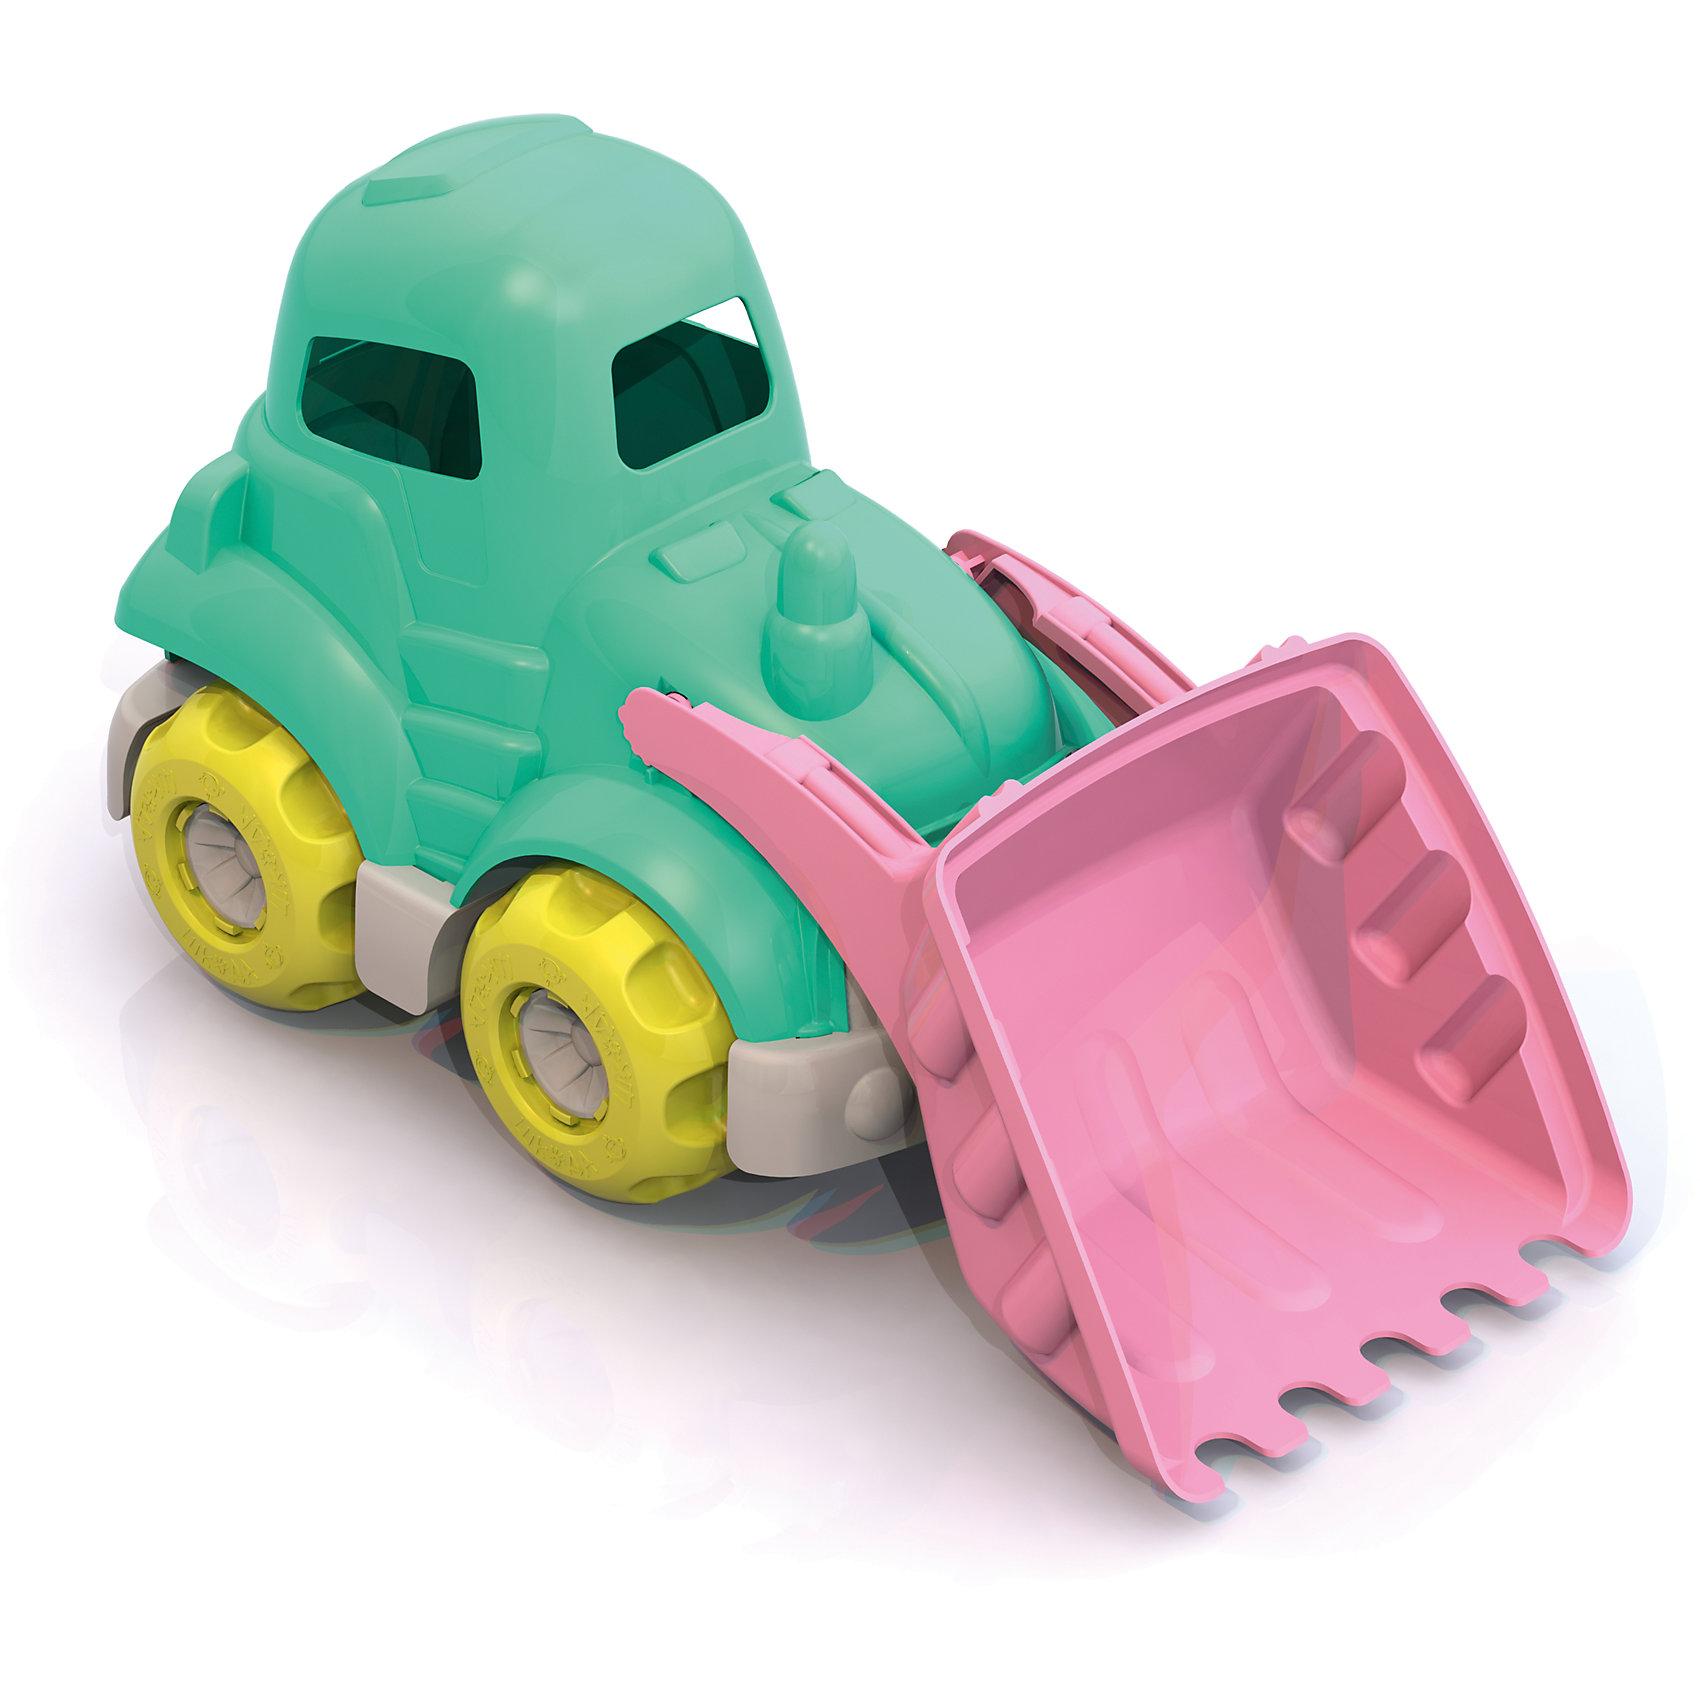 Трактор, ШкодаТрактор из серии Моя любимая машинка уникальная игрушка из пластмассы нового поколения, в производстве использованы очень яркие цвета и новые дизайнерские решения.<br><br>Дополнительная информация:<br><br>- размеры: (37*16,5*20),<br>- регулируемый ковш в трех положениях.<br><br>Трактор, Шкода можно купить в нашем магазине.<br><br>Ширина мм: 370<br>Глубина мм: 165<br>Высота мм: 200<br>Вес г: 410<br>Возраст от месяцев: 36<br>Возраст до месяцев: 72<br>Пол: Унисекс<br>Возраст: Детский<br>SKU: 4104897